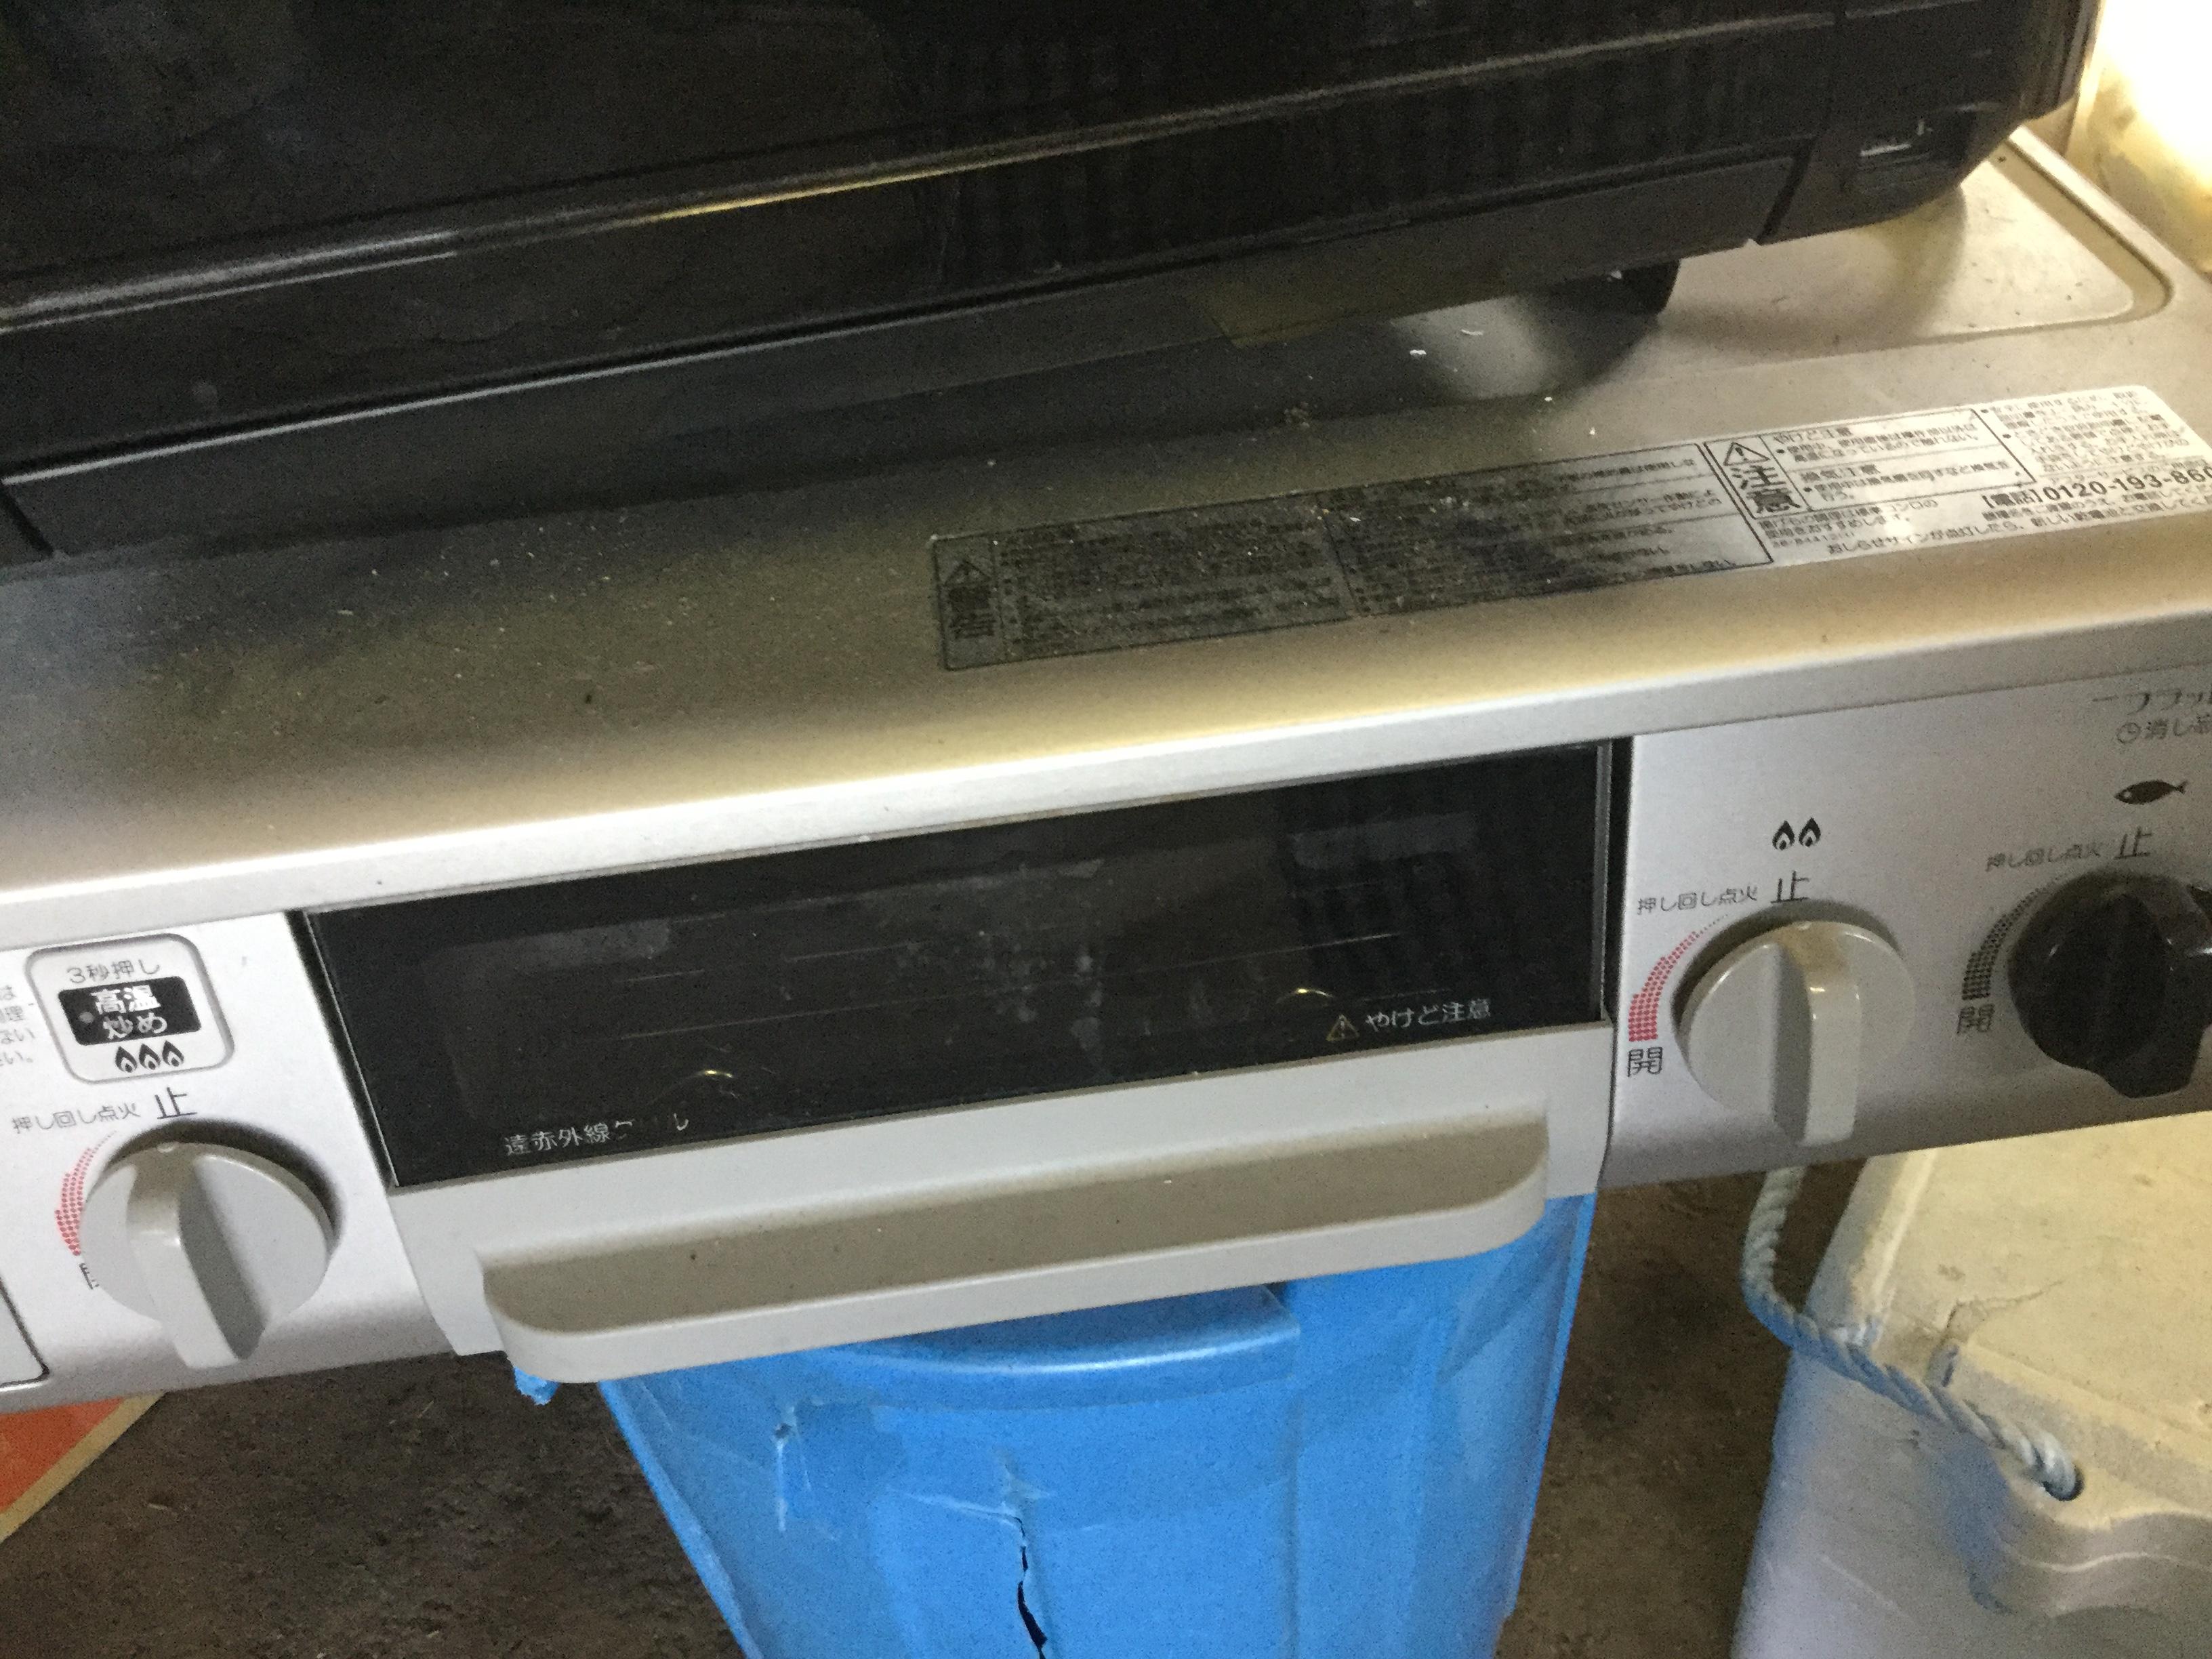 岡山県岡山市南区福田付近で回収した不用品のガスコンロです。